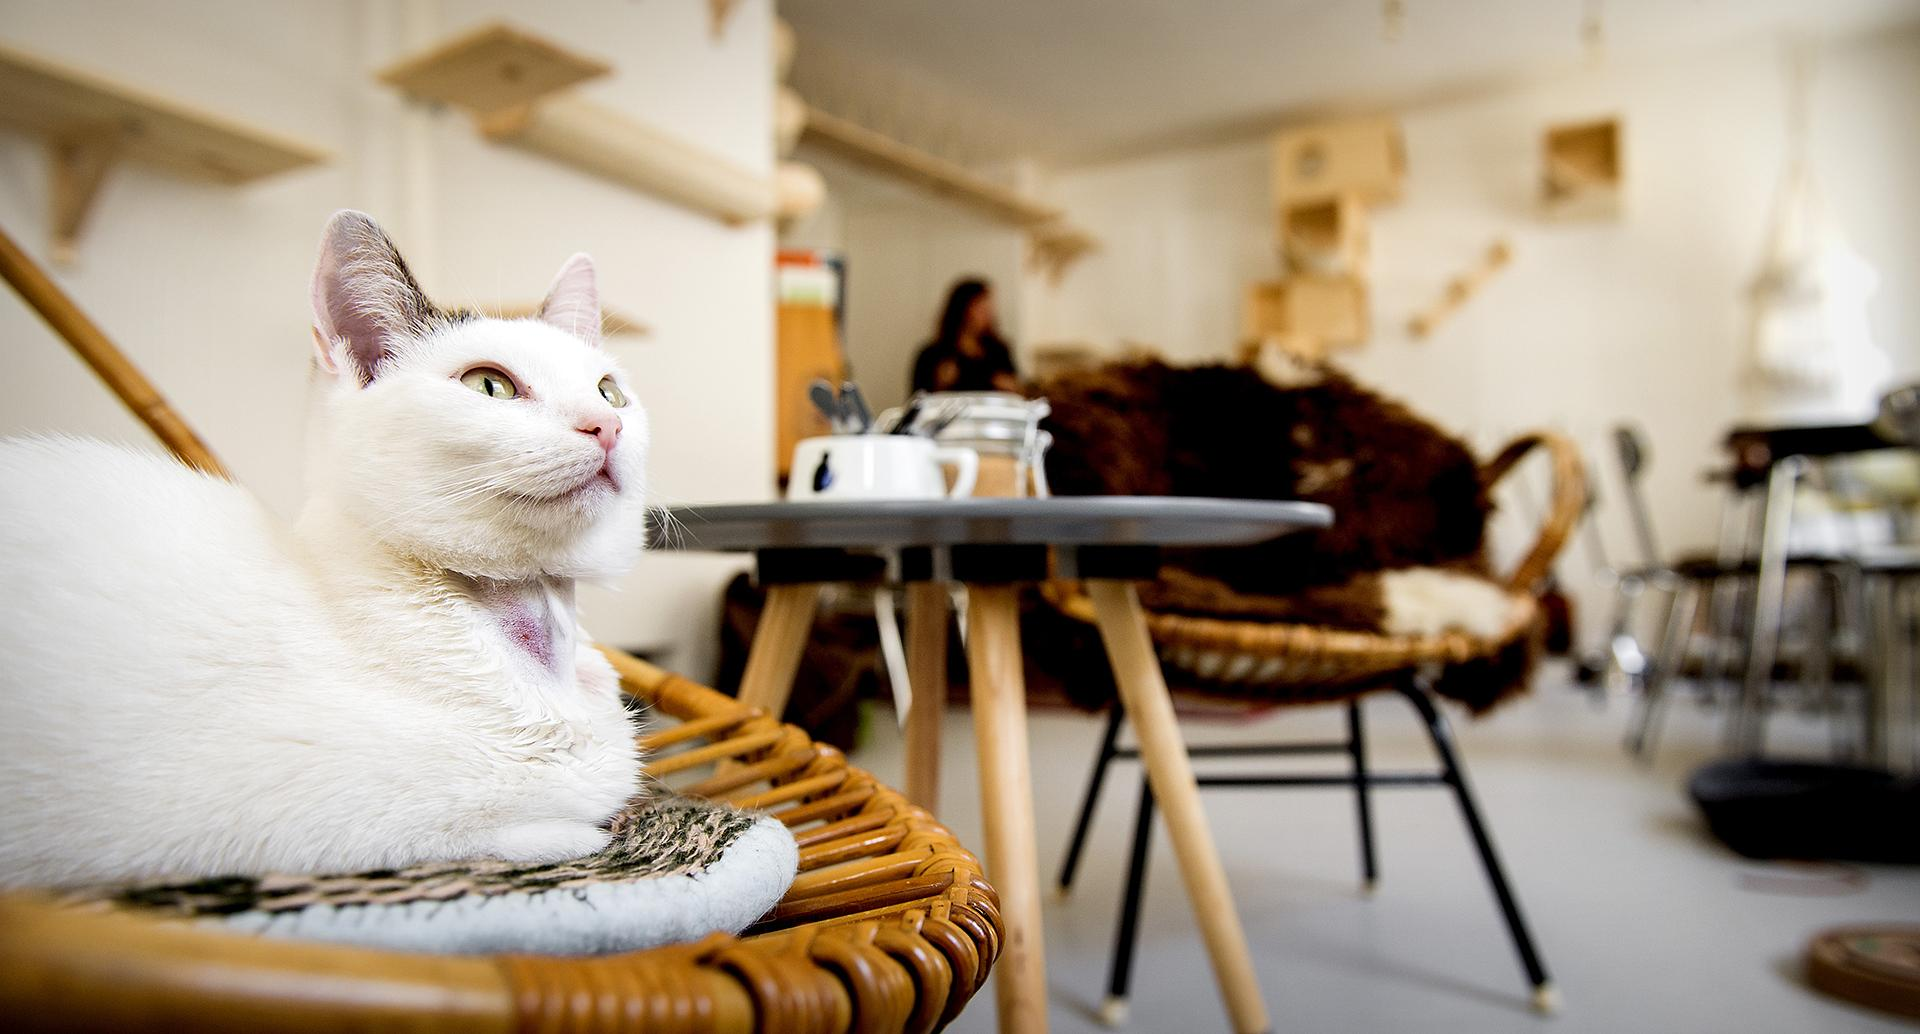 Котики и Дума: владельцы котокафе рассказали депутатам о рисках, которые несет для них новый закон